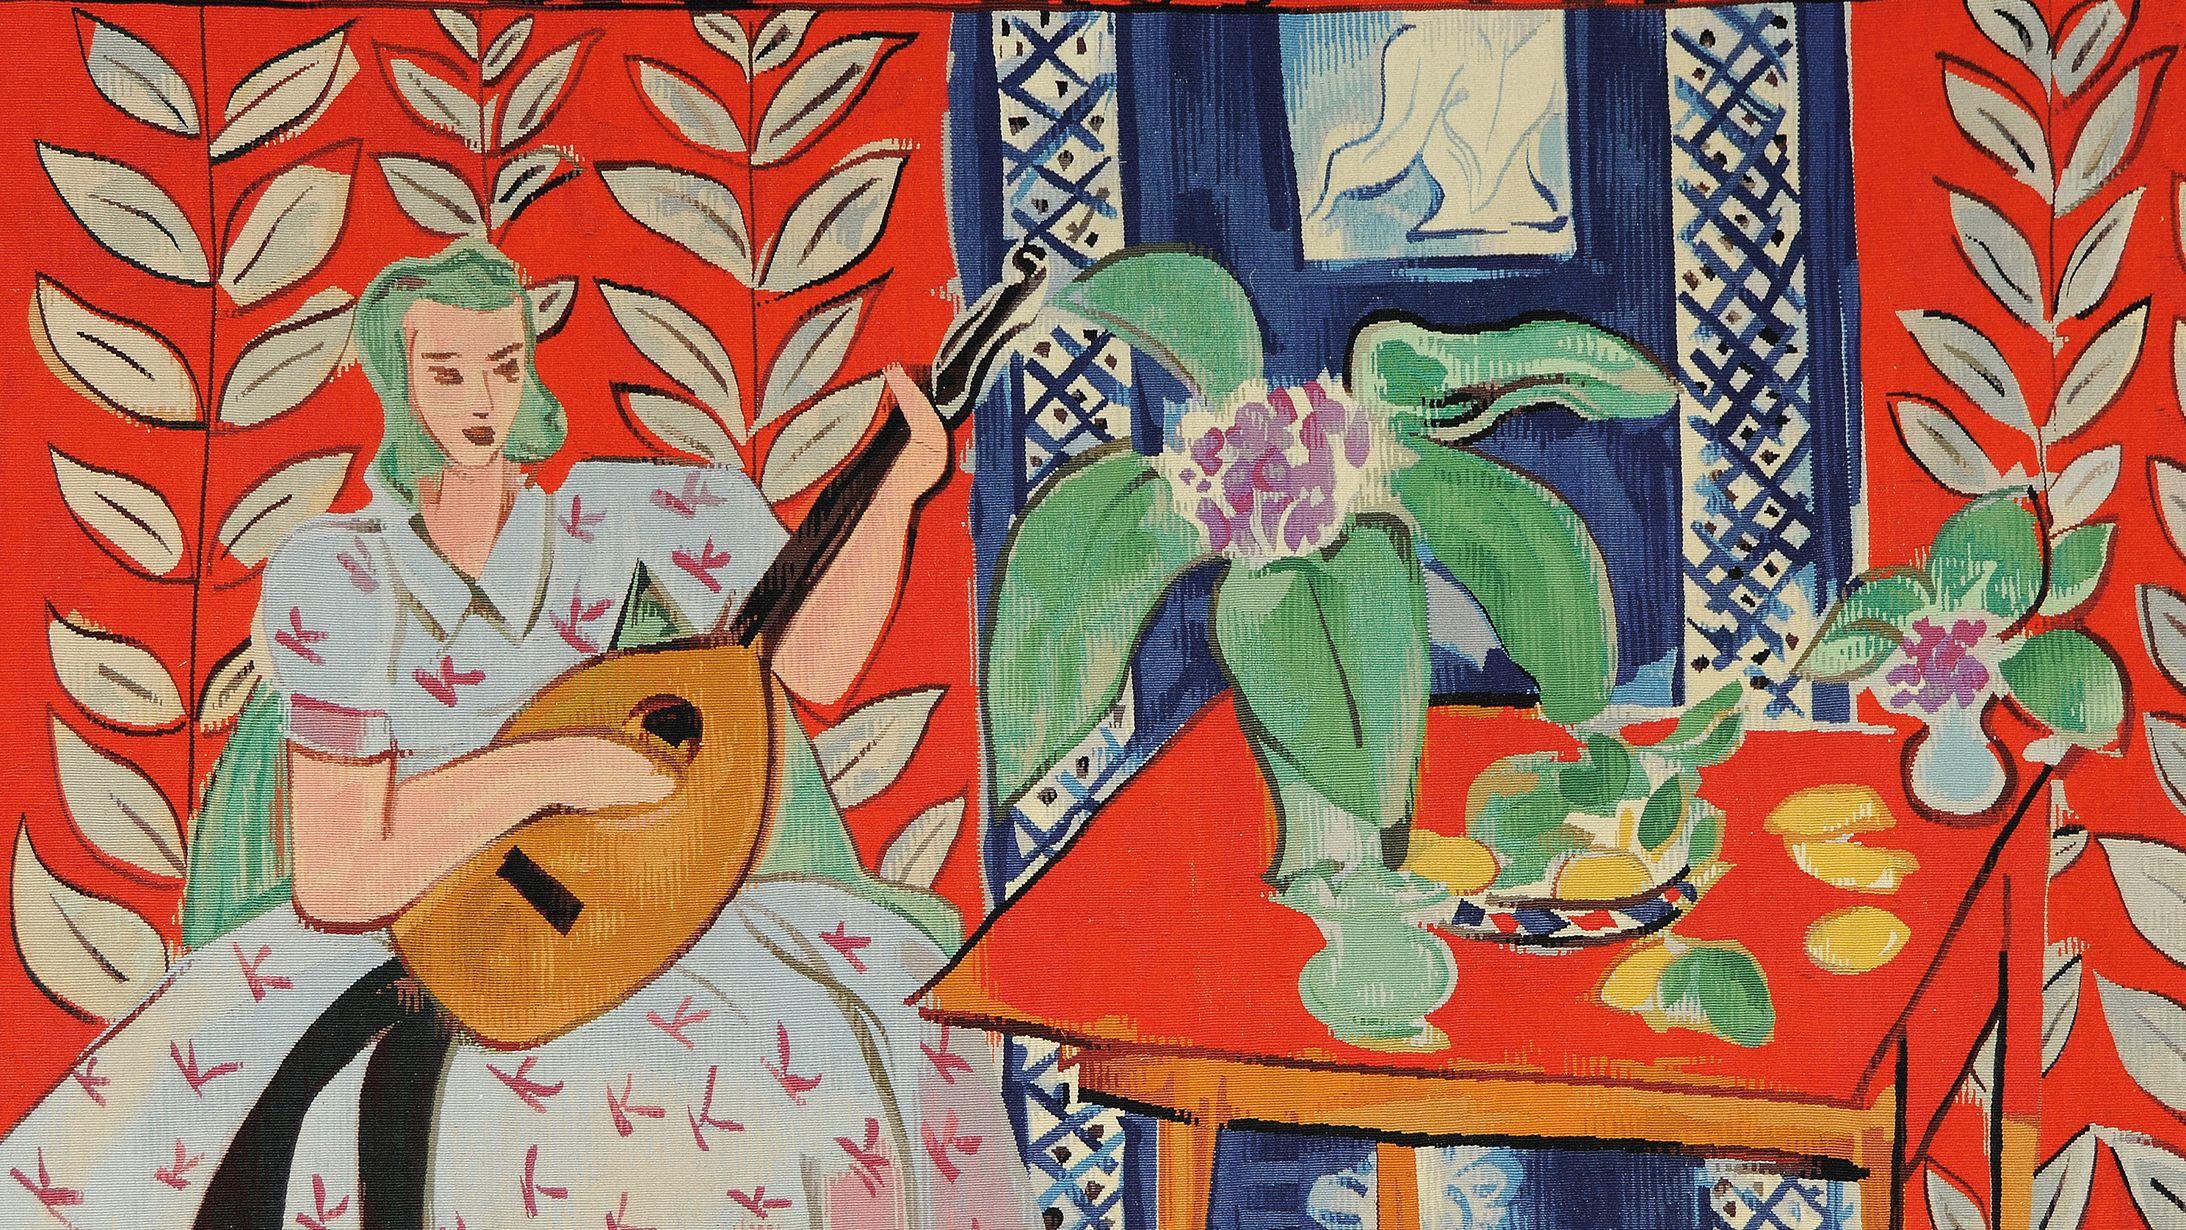 Wandteppich mit einer Laute spielenden Frau von Henri Matisse